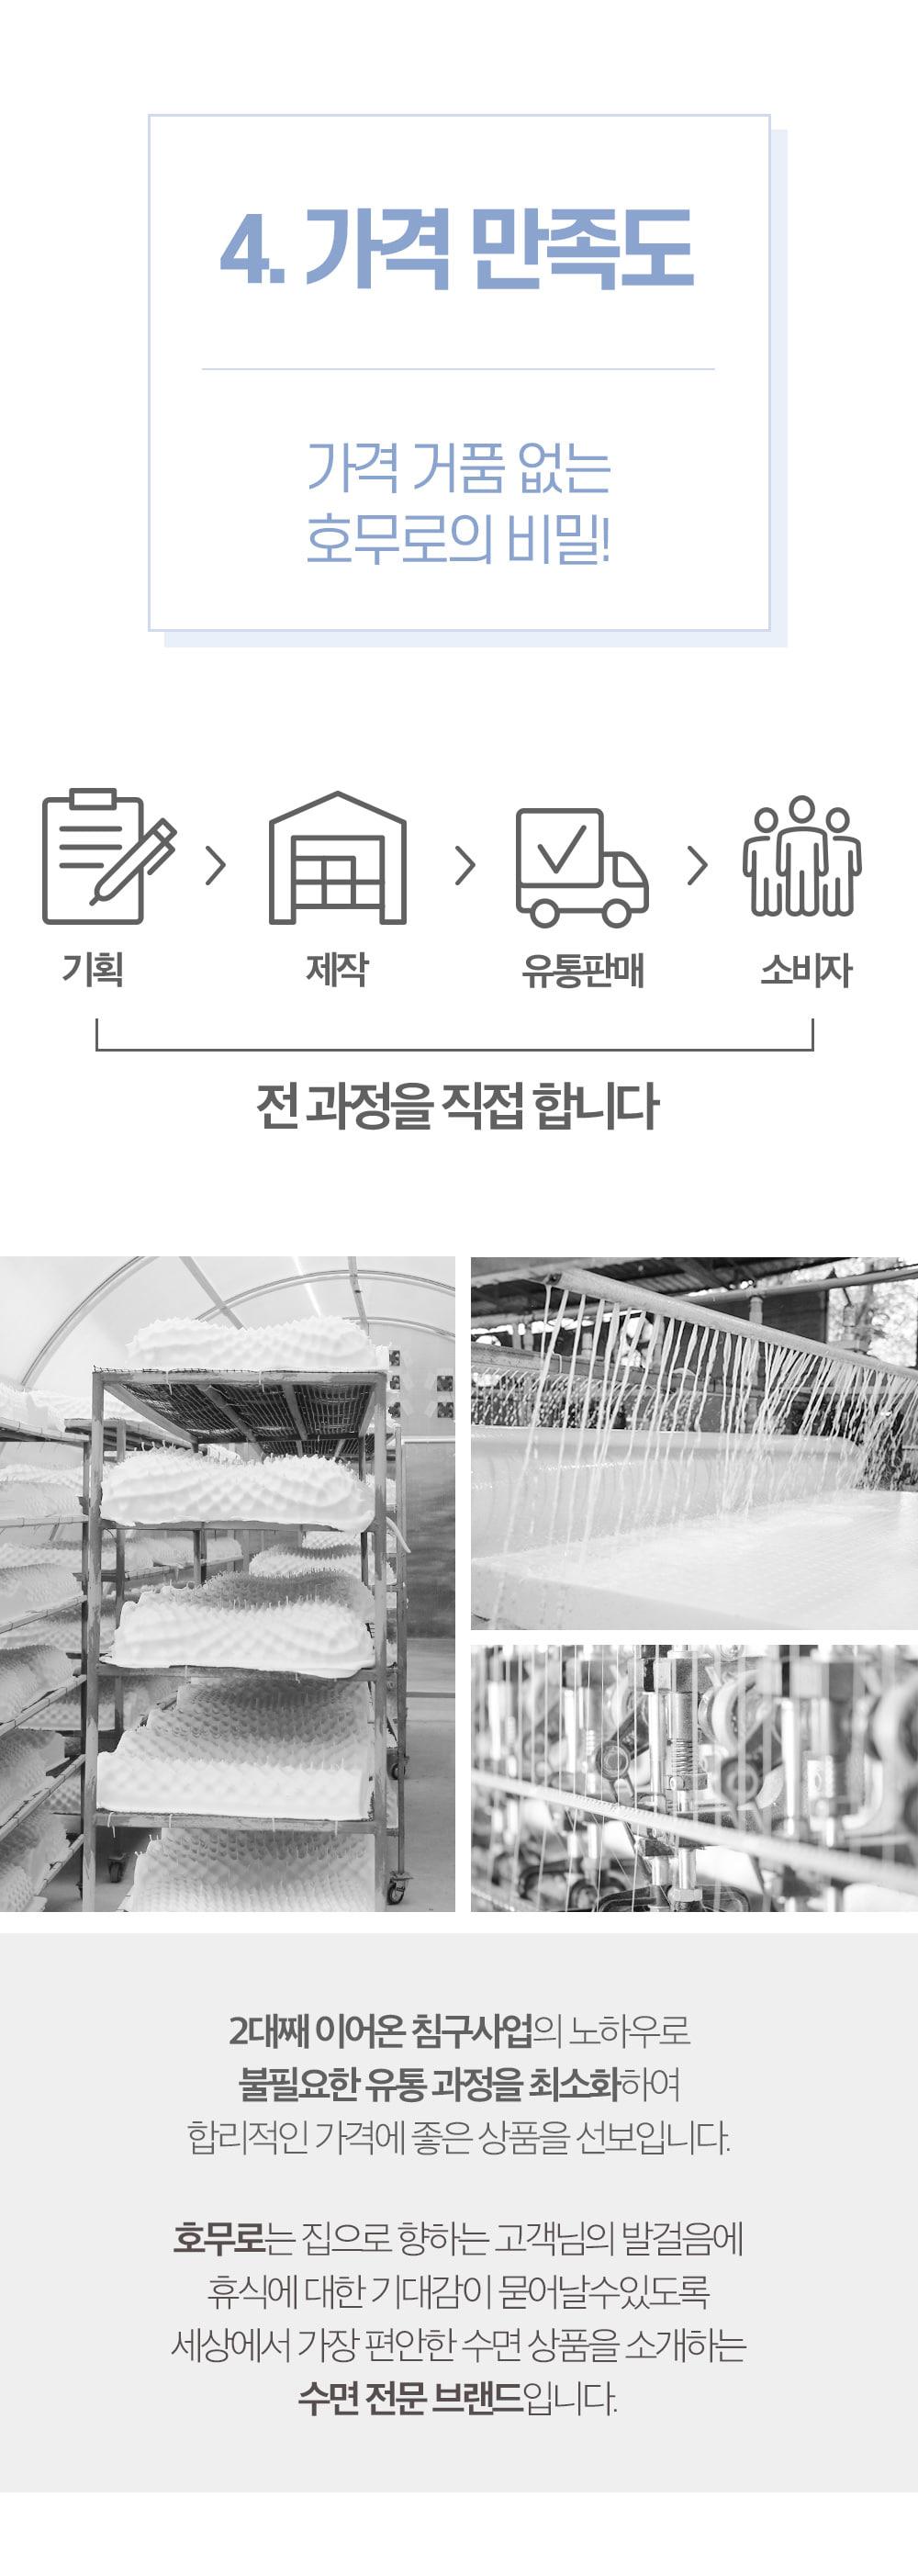 호무로(HOMURO) 밀착 카밍케어 베개 높낮이조절 숙면 고밀도 메모리폼 베개 (항균베개)